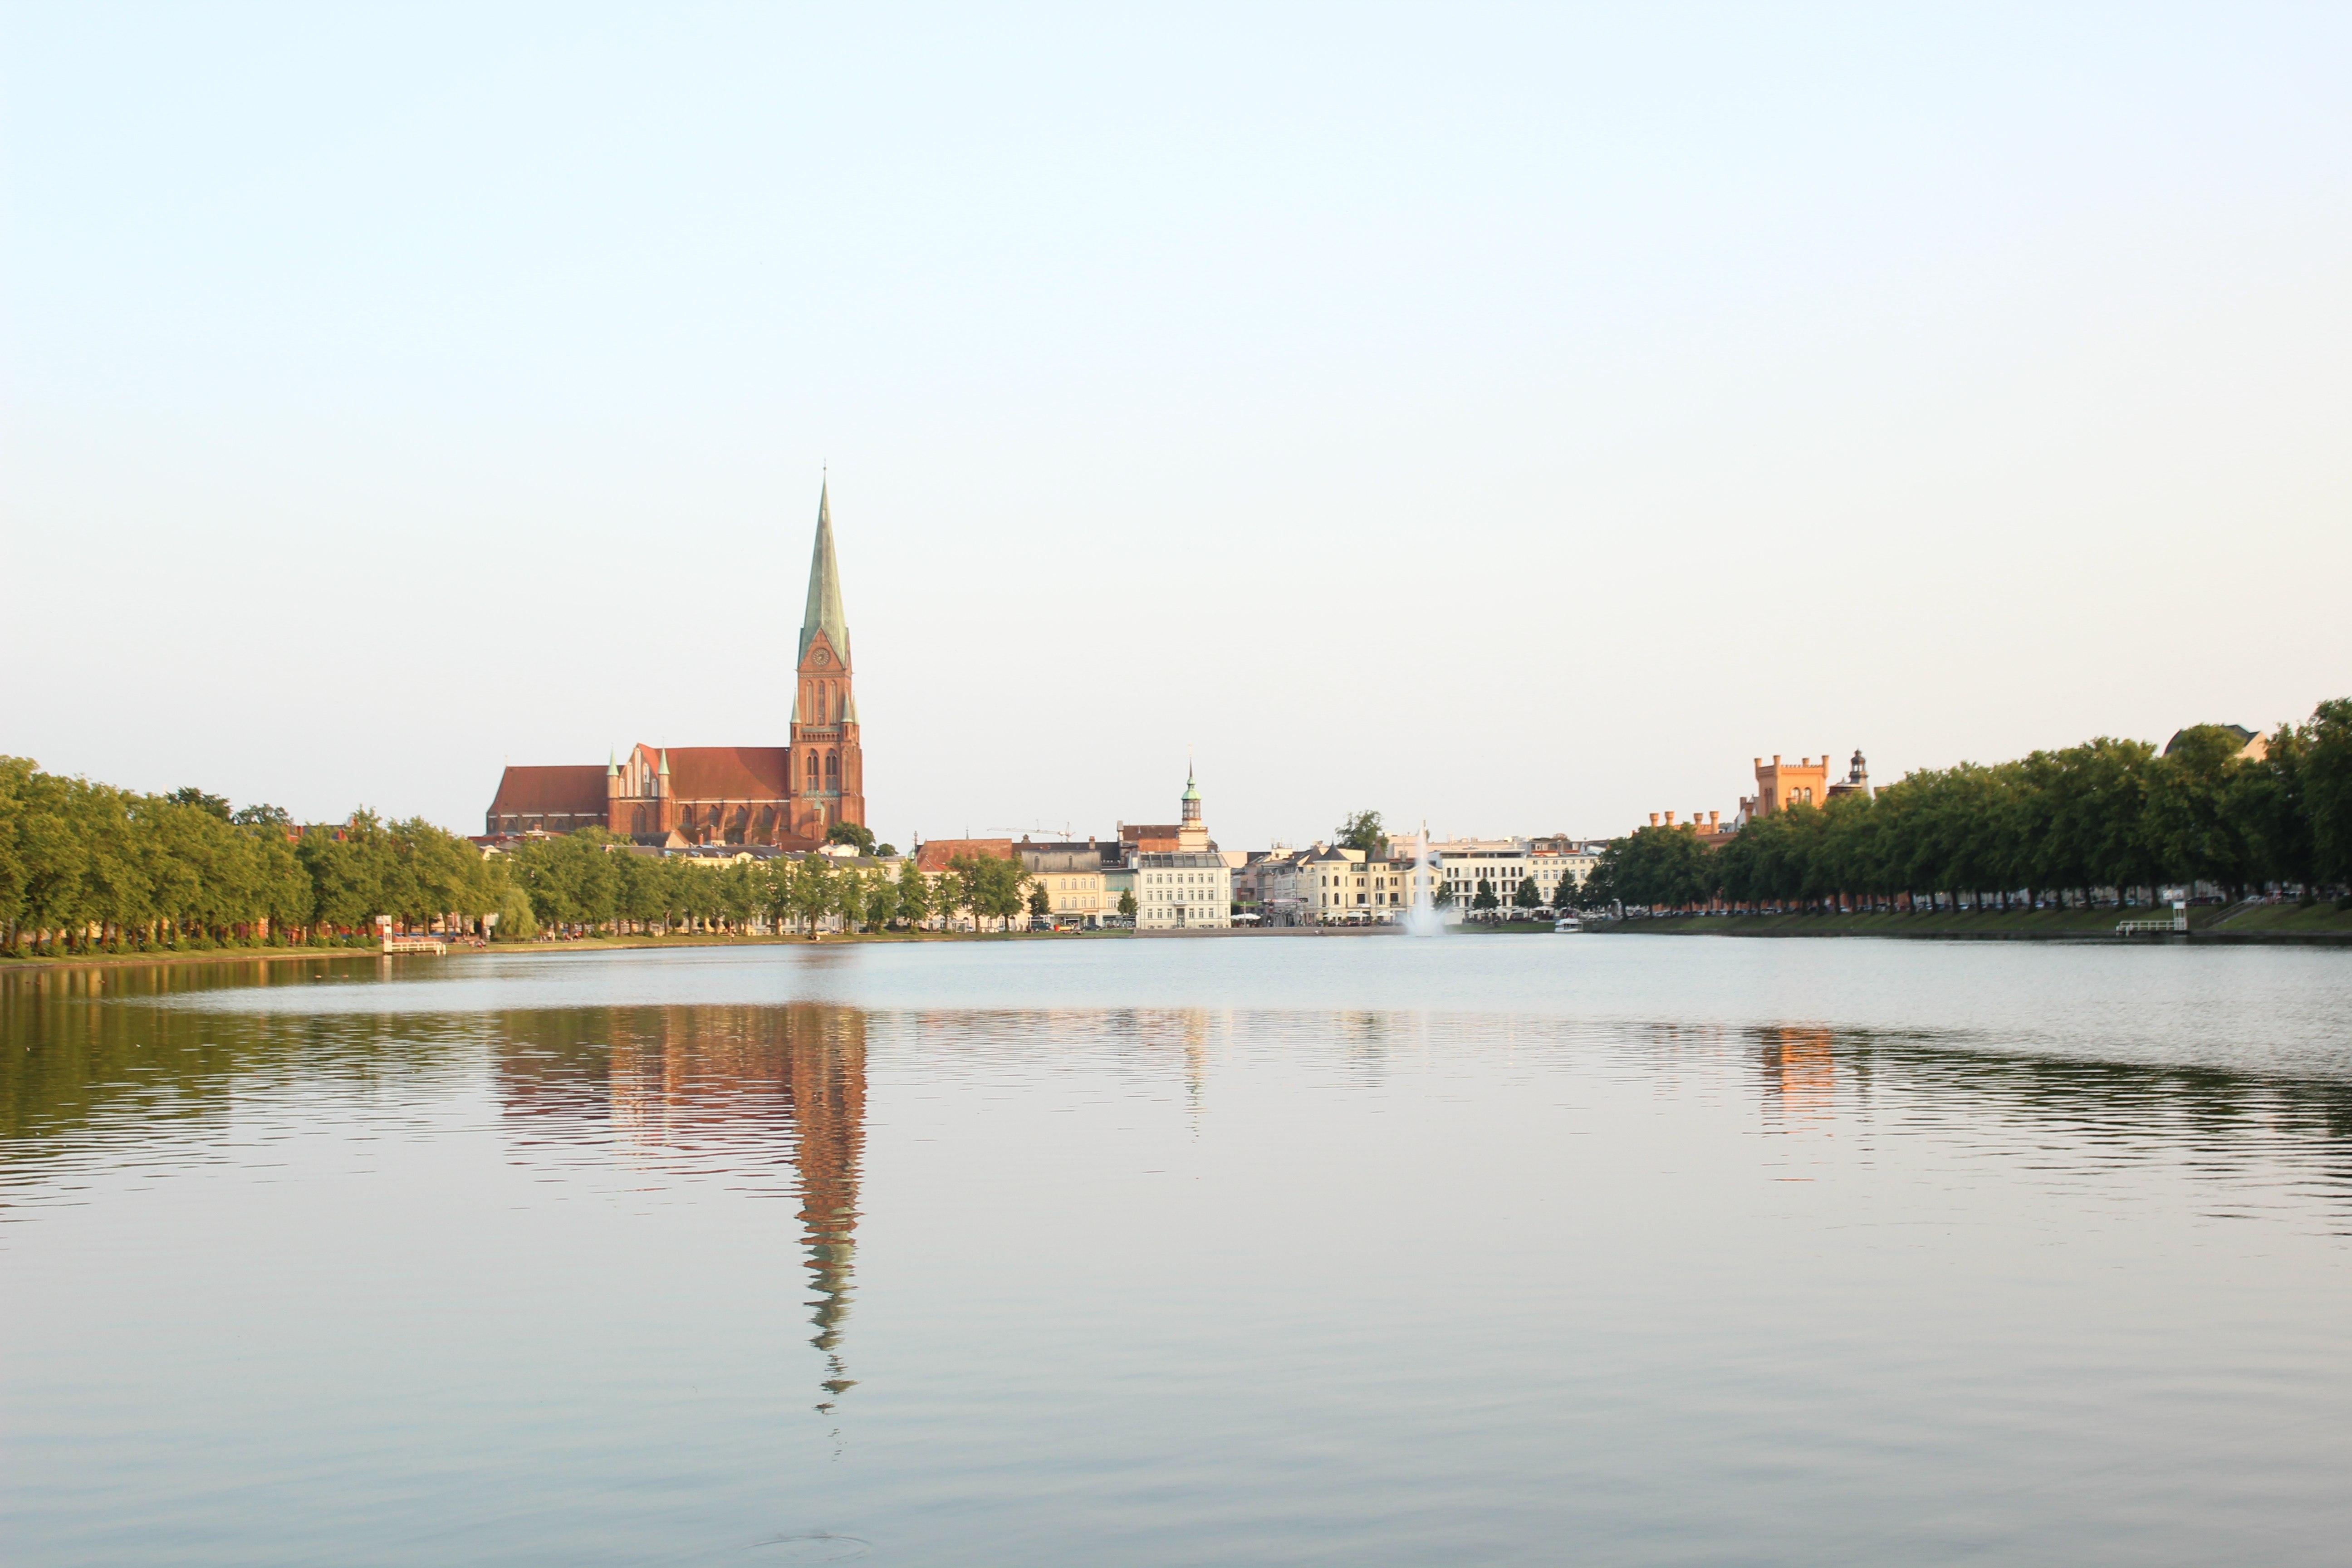 Der Dom vom Pfaffenteich aus gesehen, © Cornelia Böttcher, Touristinformation Schwerin